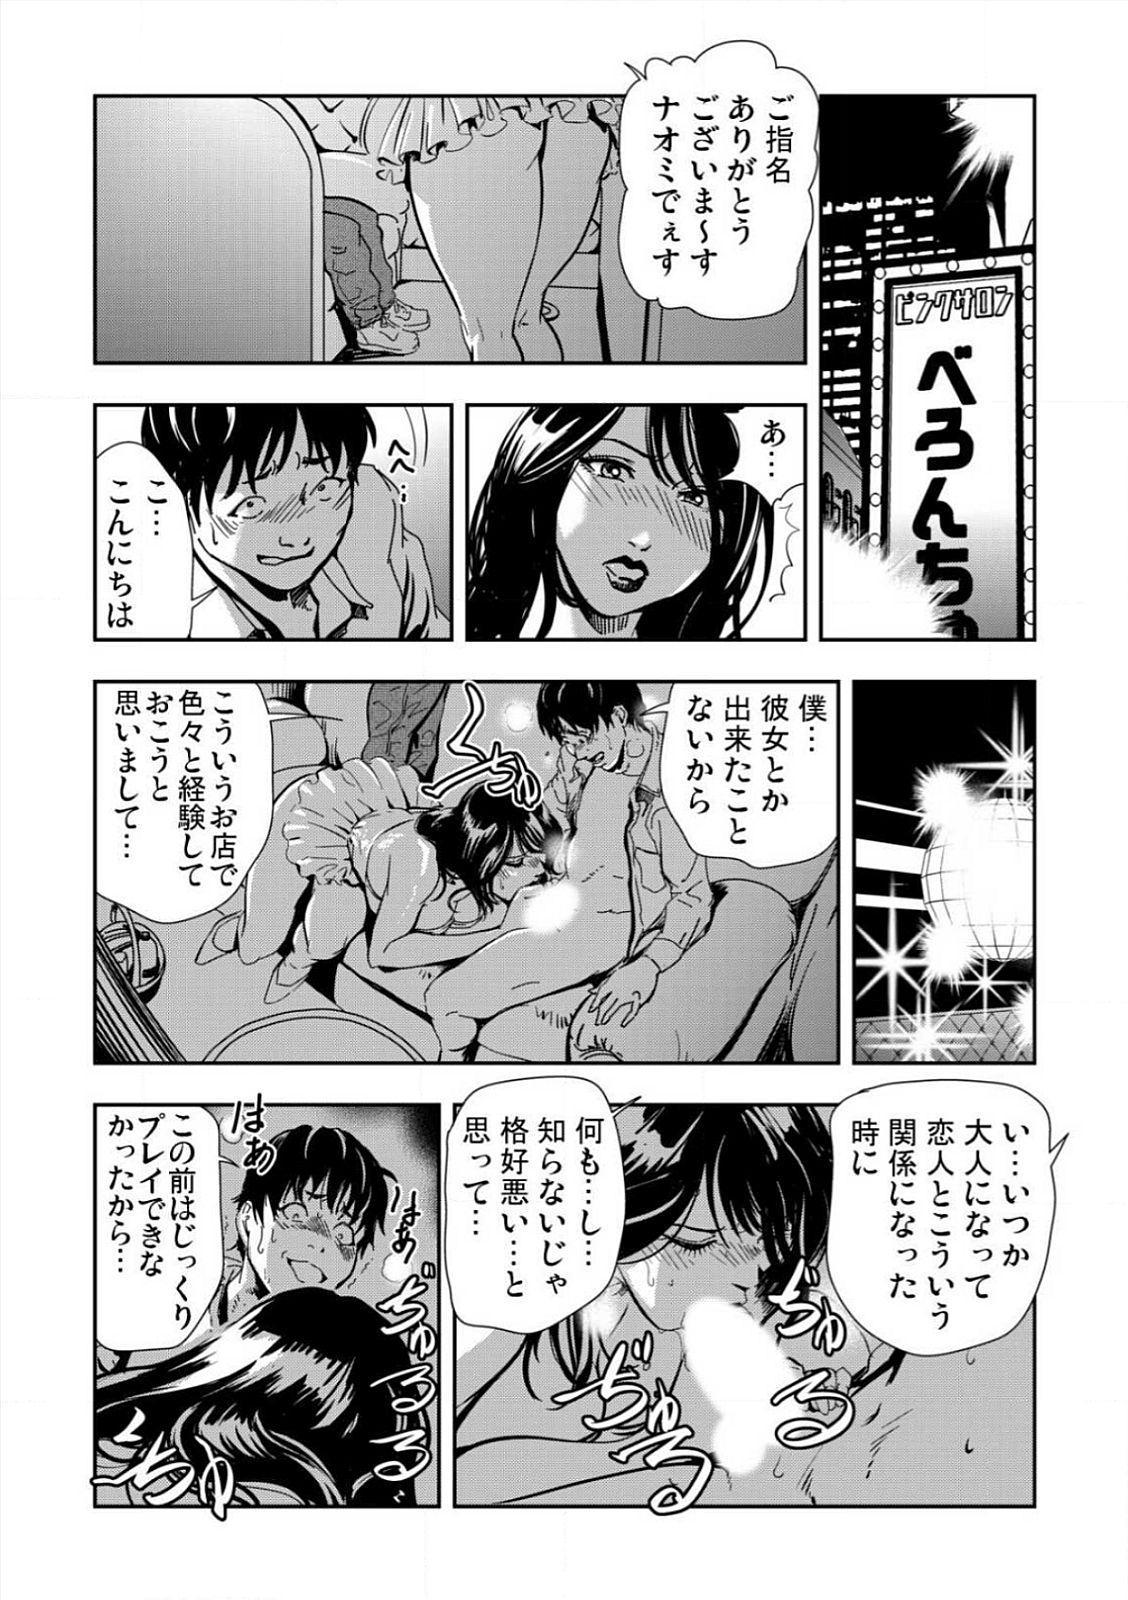 [Misaki Yukihiro] Kyousei Shidou ~Mechakucha ni Kegasarete~ (1)~(6) [Digital] 61